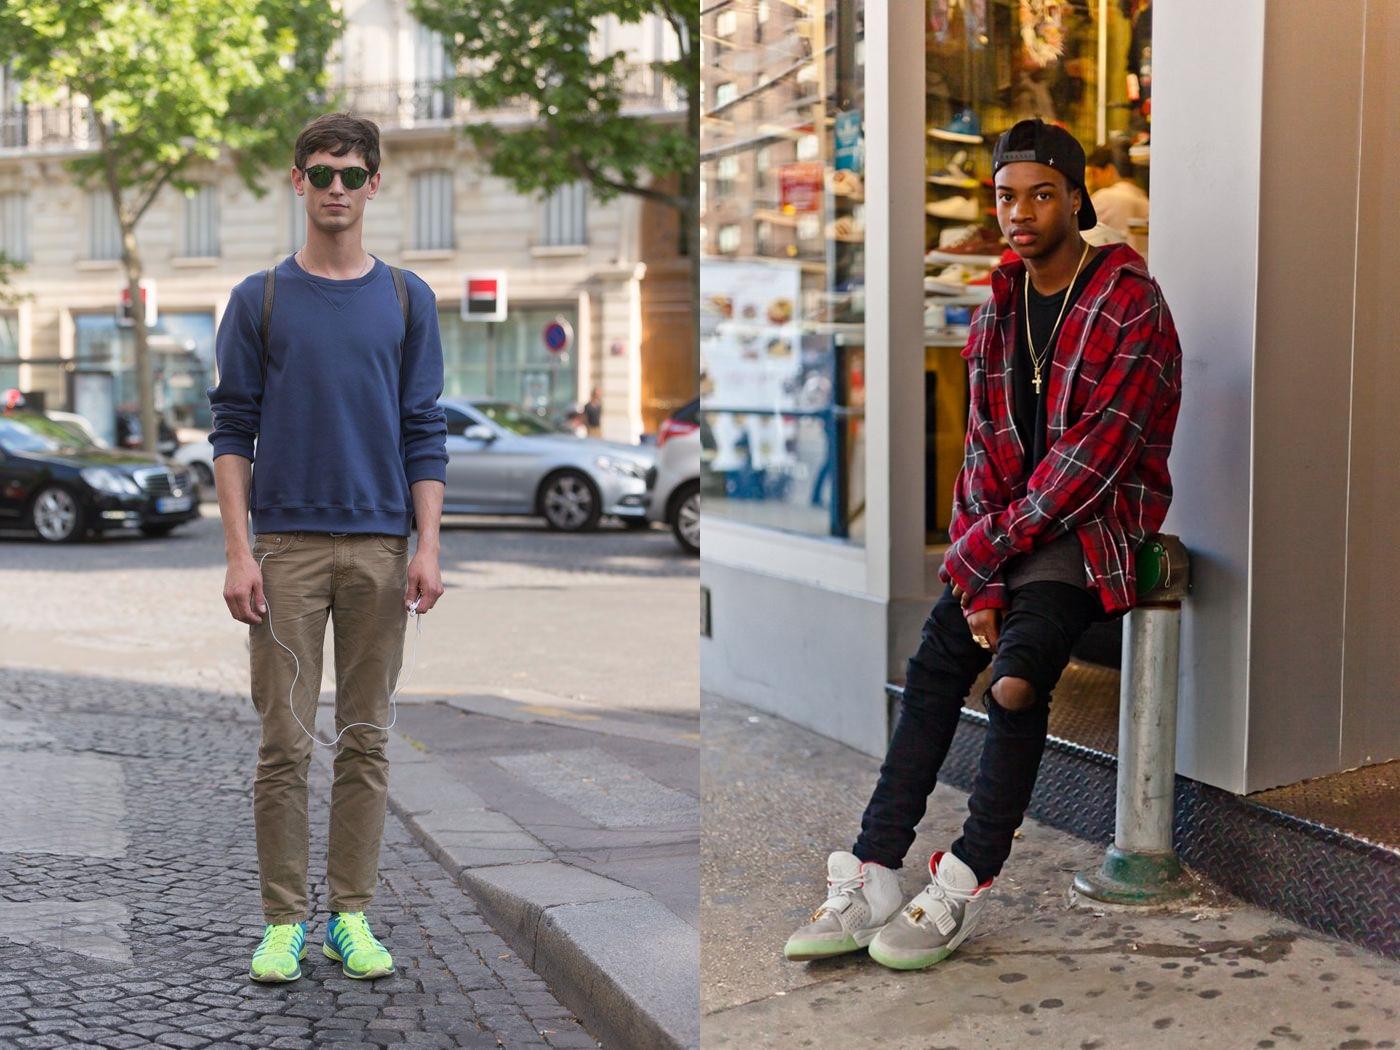 39da5914692 Como usar tênis com roupas casuais - MODA SEM CENSURA